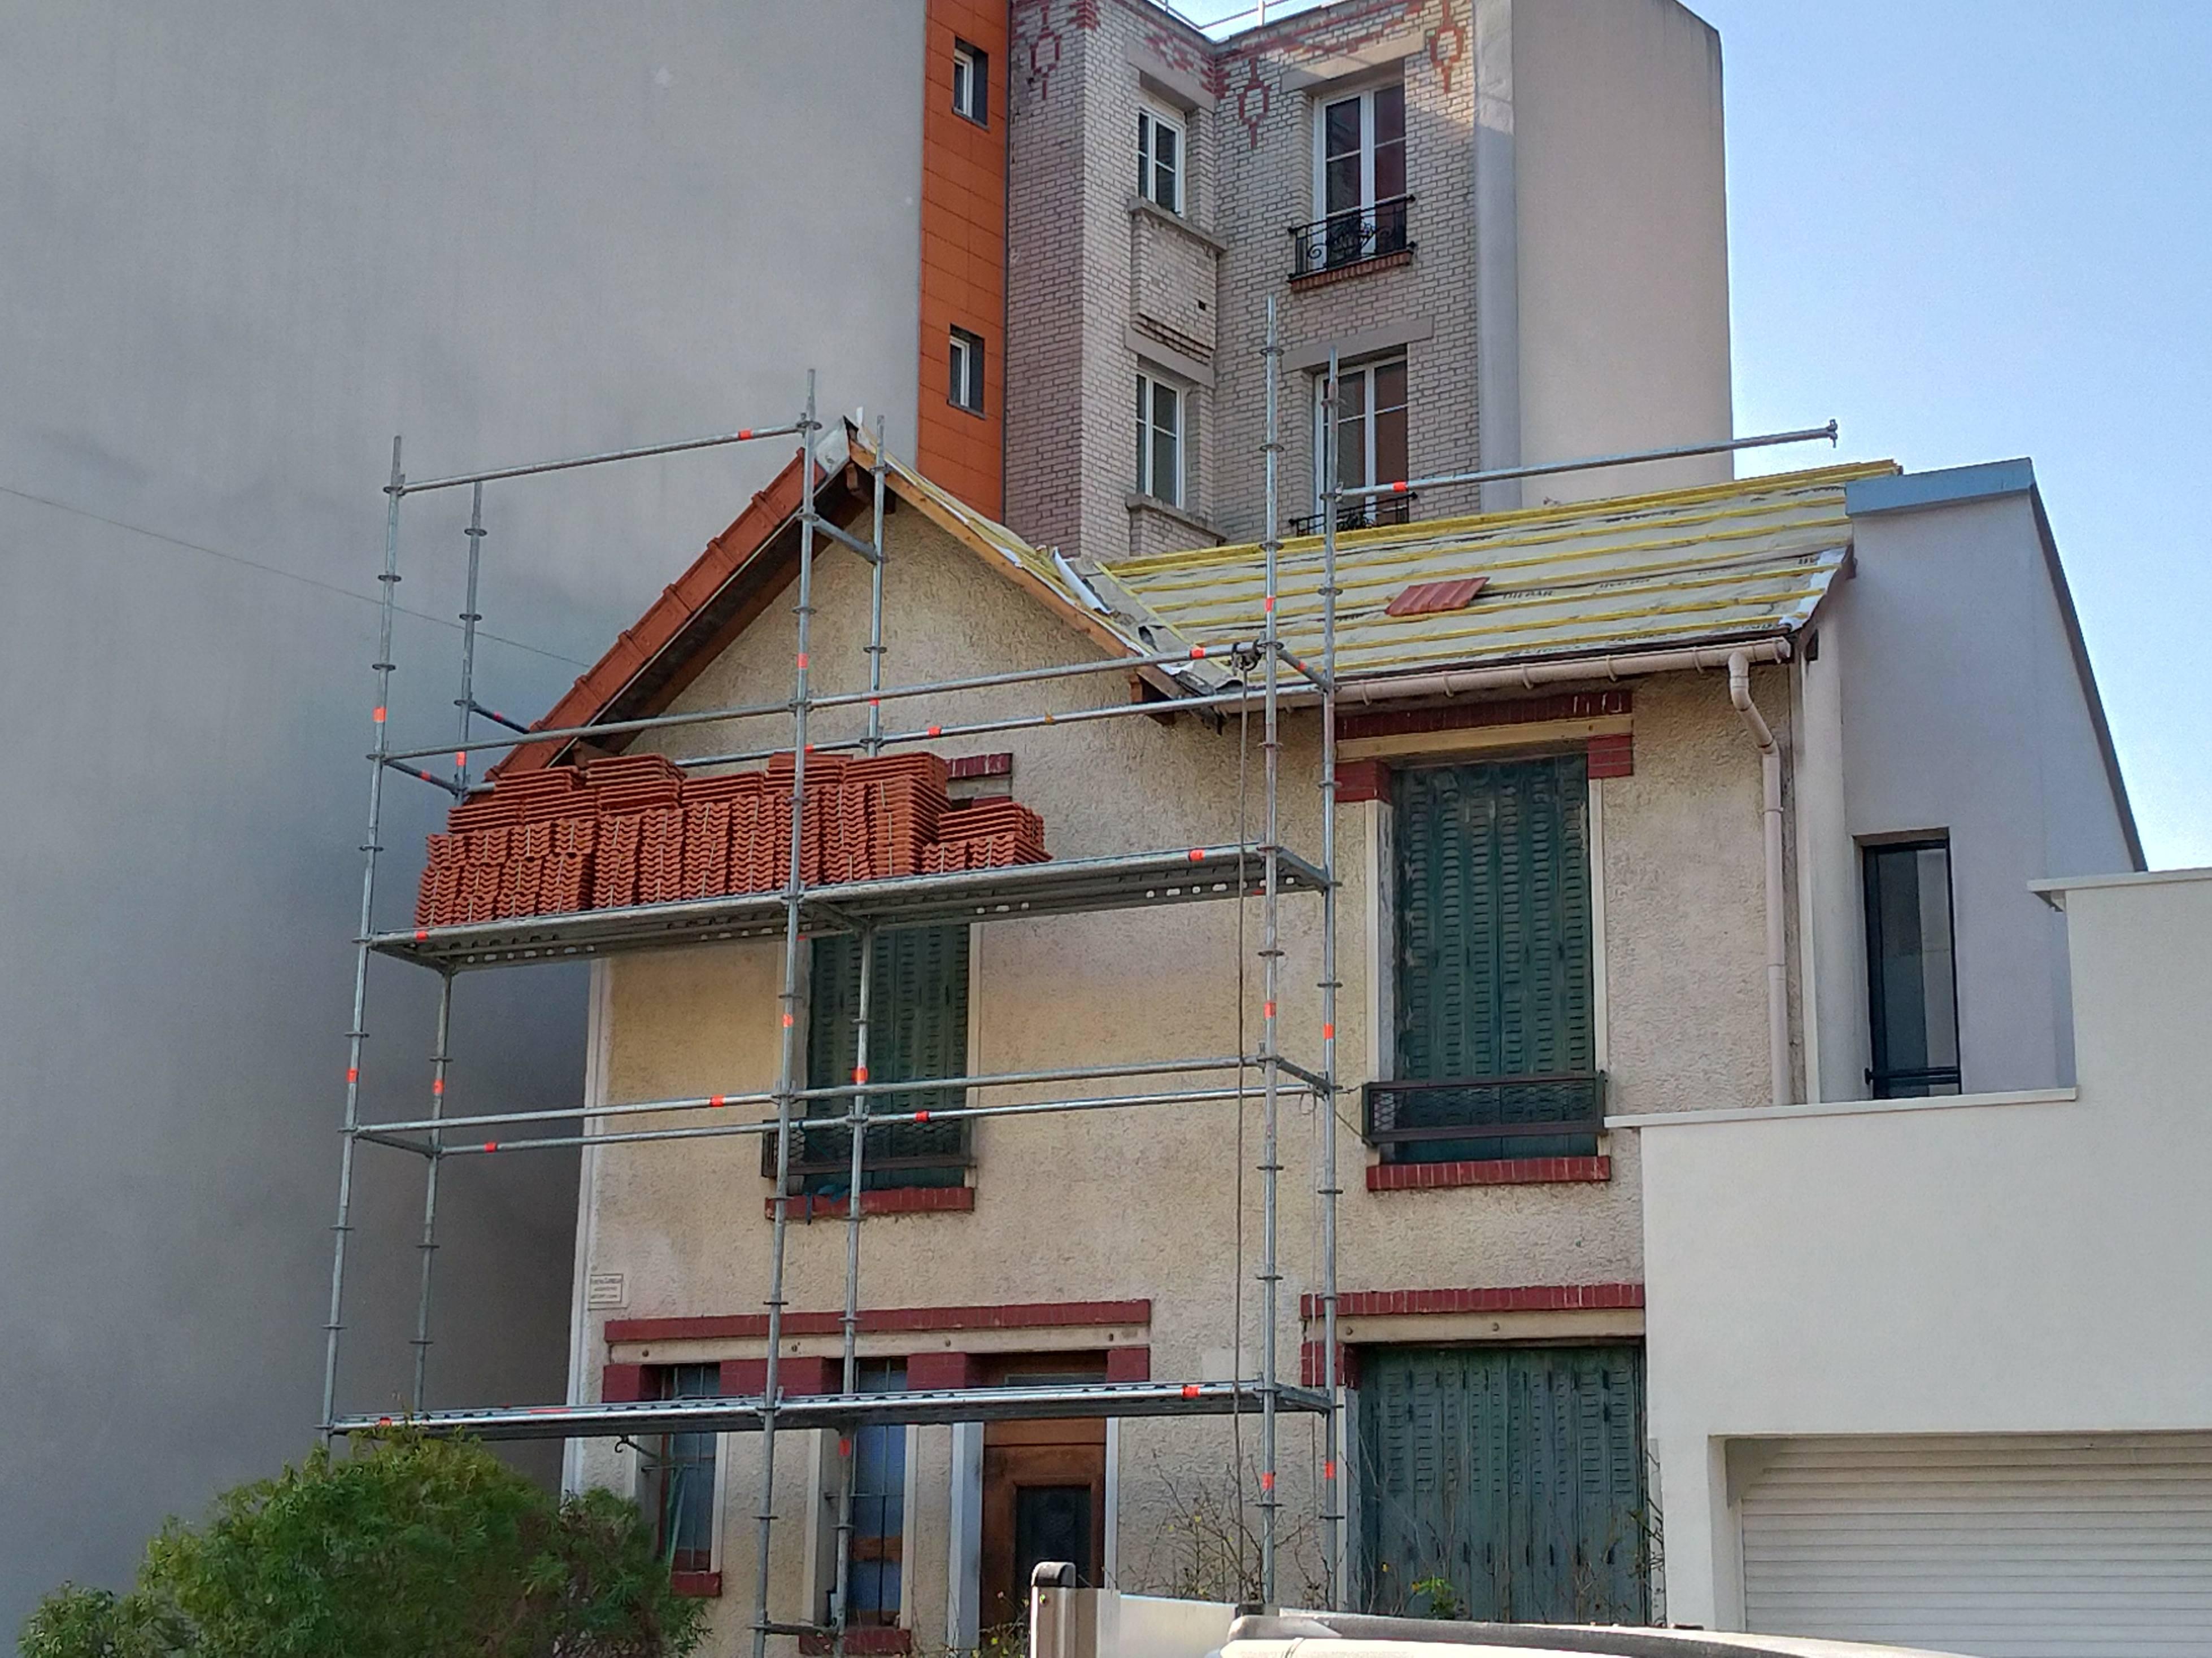 Rénovation dépannage toiture tuile